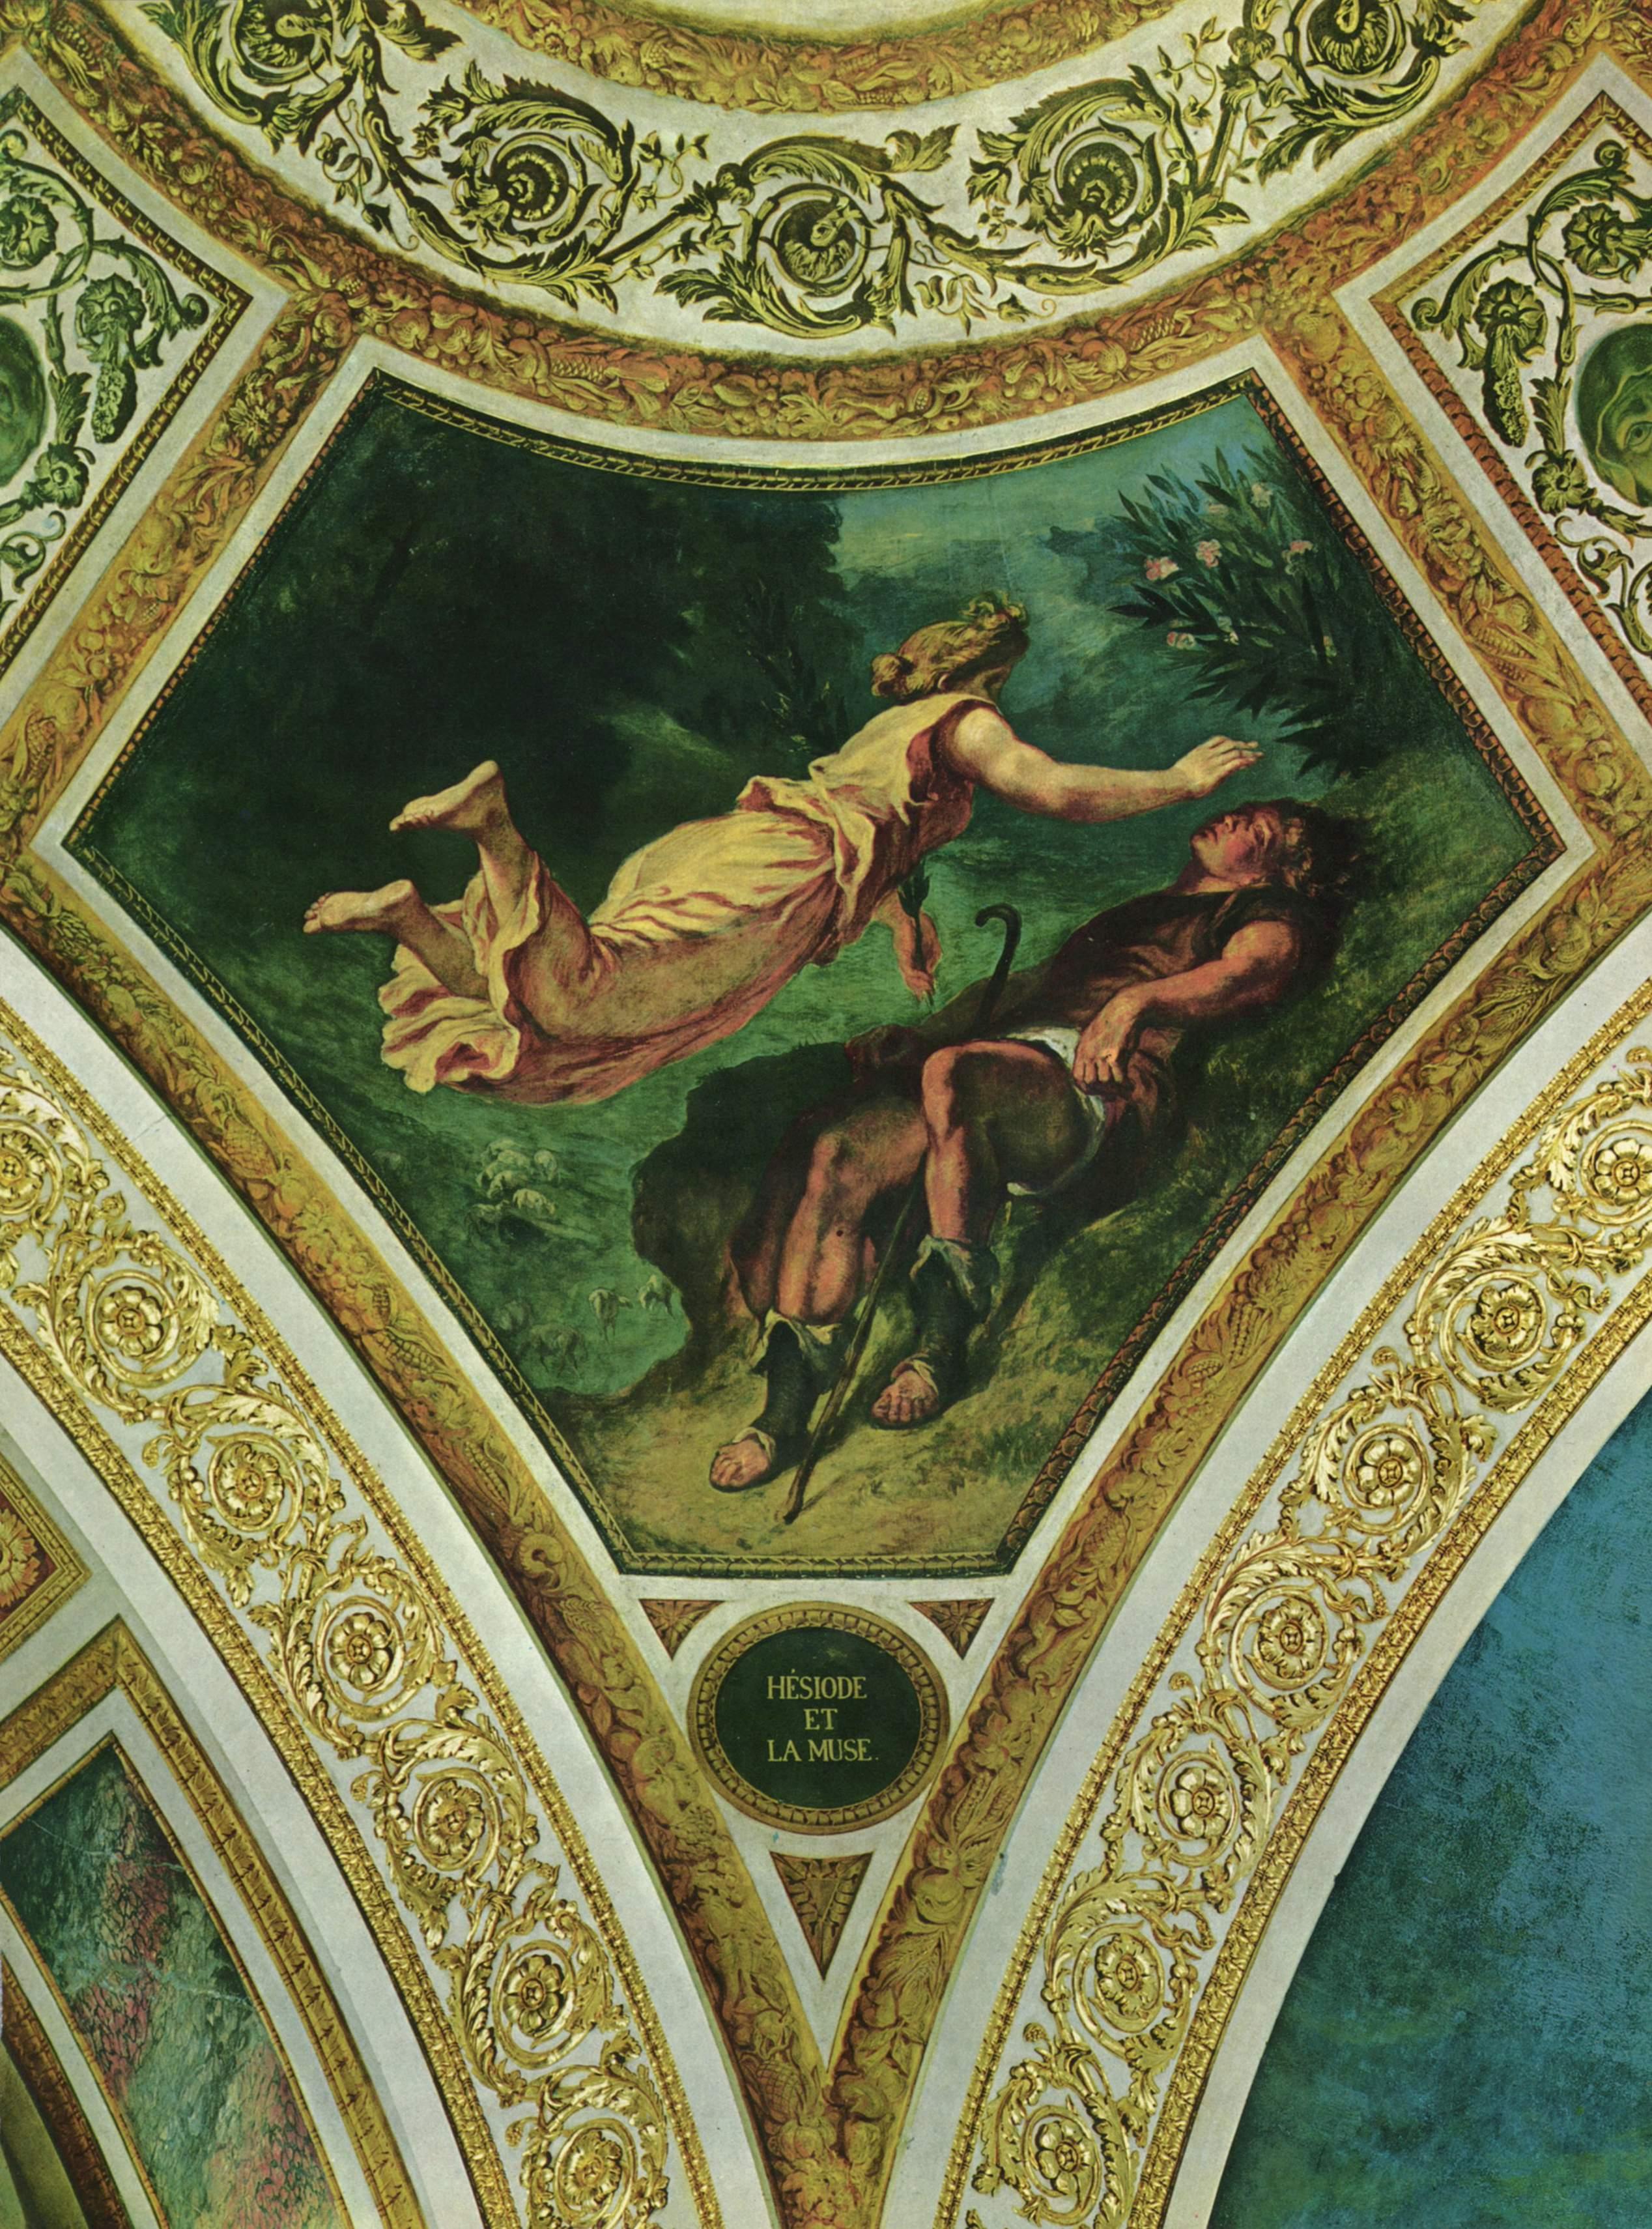 Бурбонский дворец, роспись паруса под куполом Поэзии  Гесиод и Муза, Делакруа Эжен Фердинанд Виктор